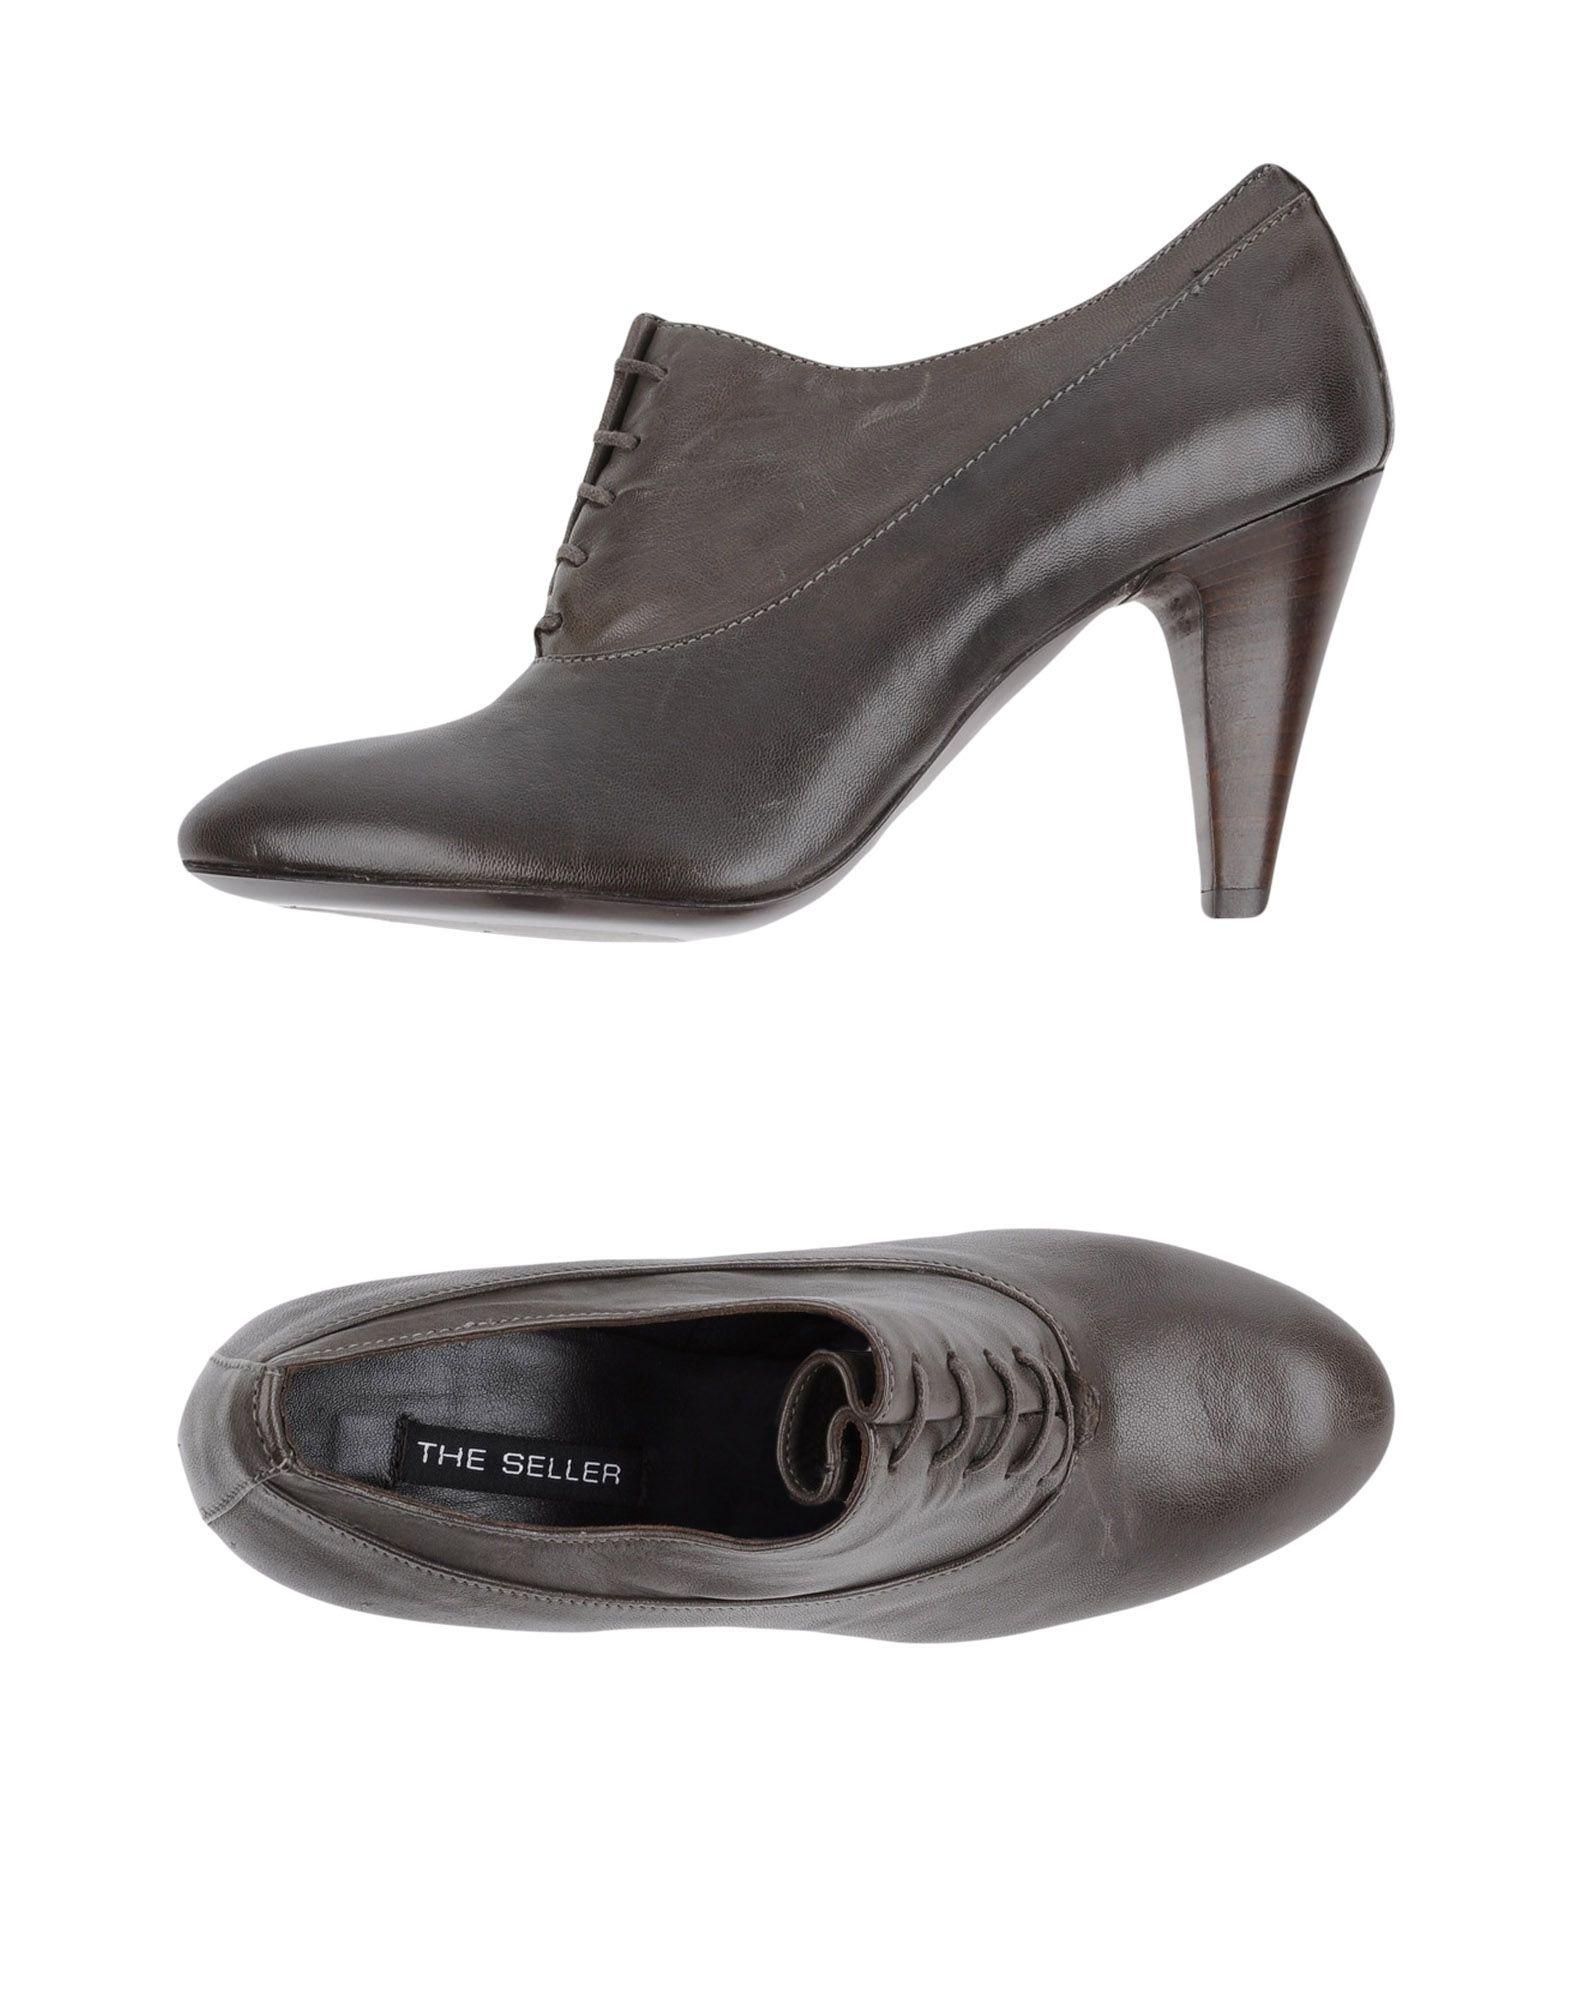 The Seller Schnürschuhe Damen  11328658BJ Gute Qualität beliebte Schuhe